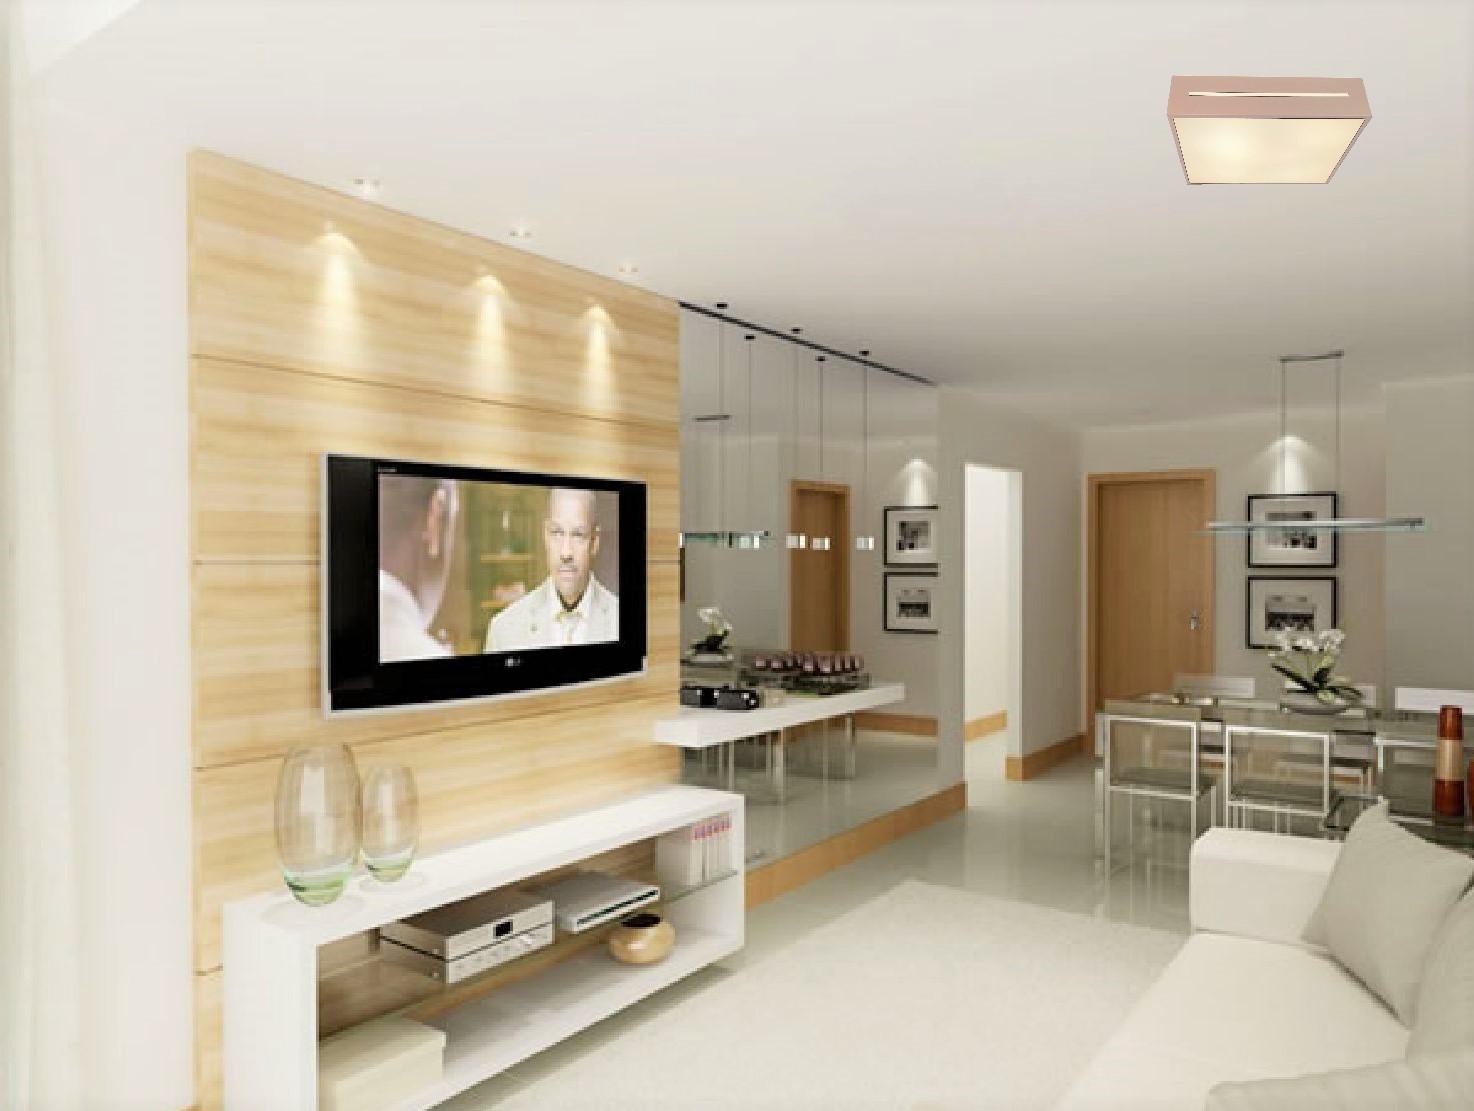 Plafon Moderno Decorativo 35cm Branco Para Sala Mesa Cozinha Quarto Escritório